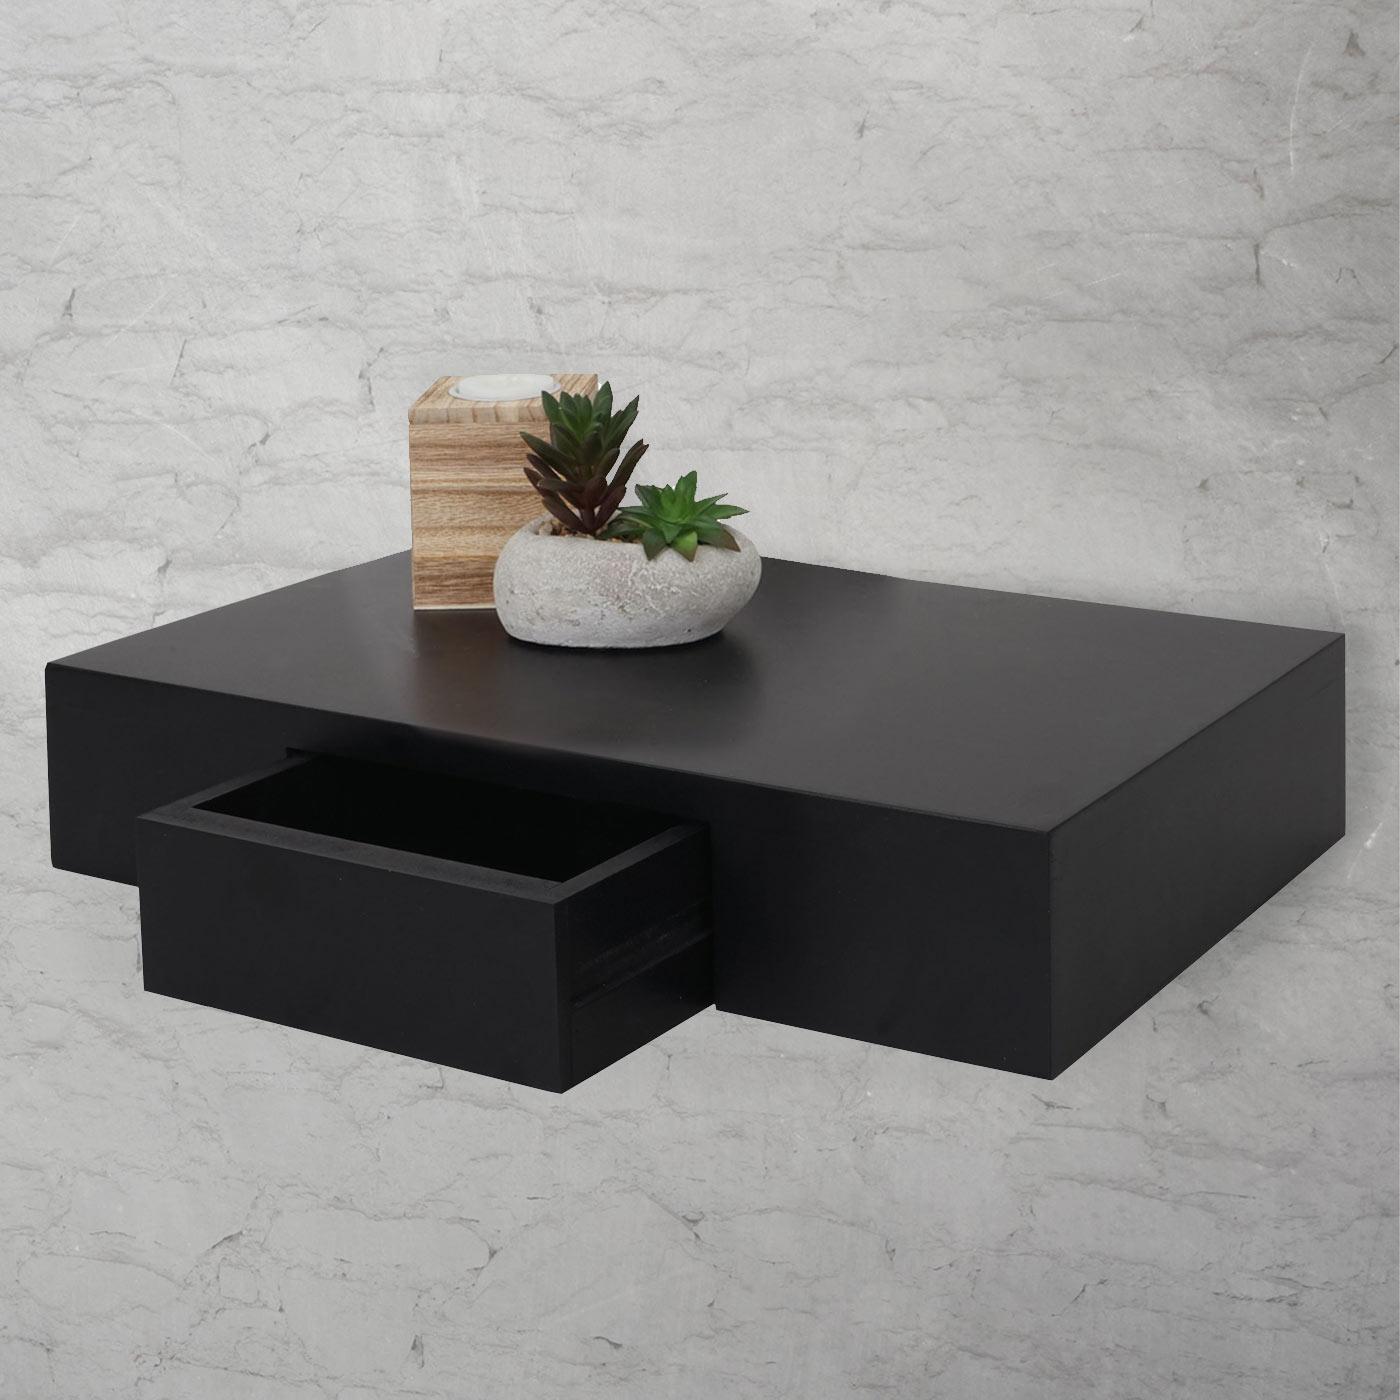 wandregal oise regal h ngeregal mit schublade 40cm schwarz. Black Bedroom Furniture Sets. Home Design Ideas